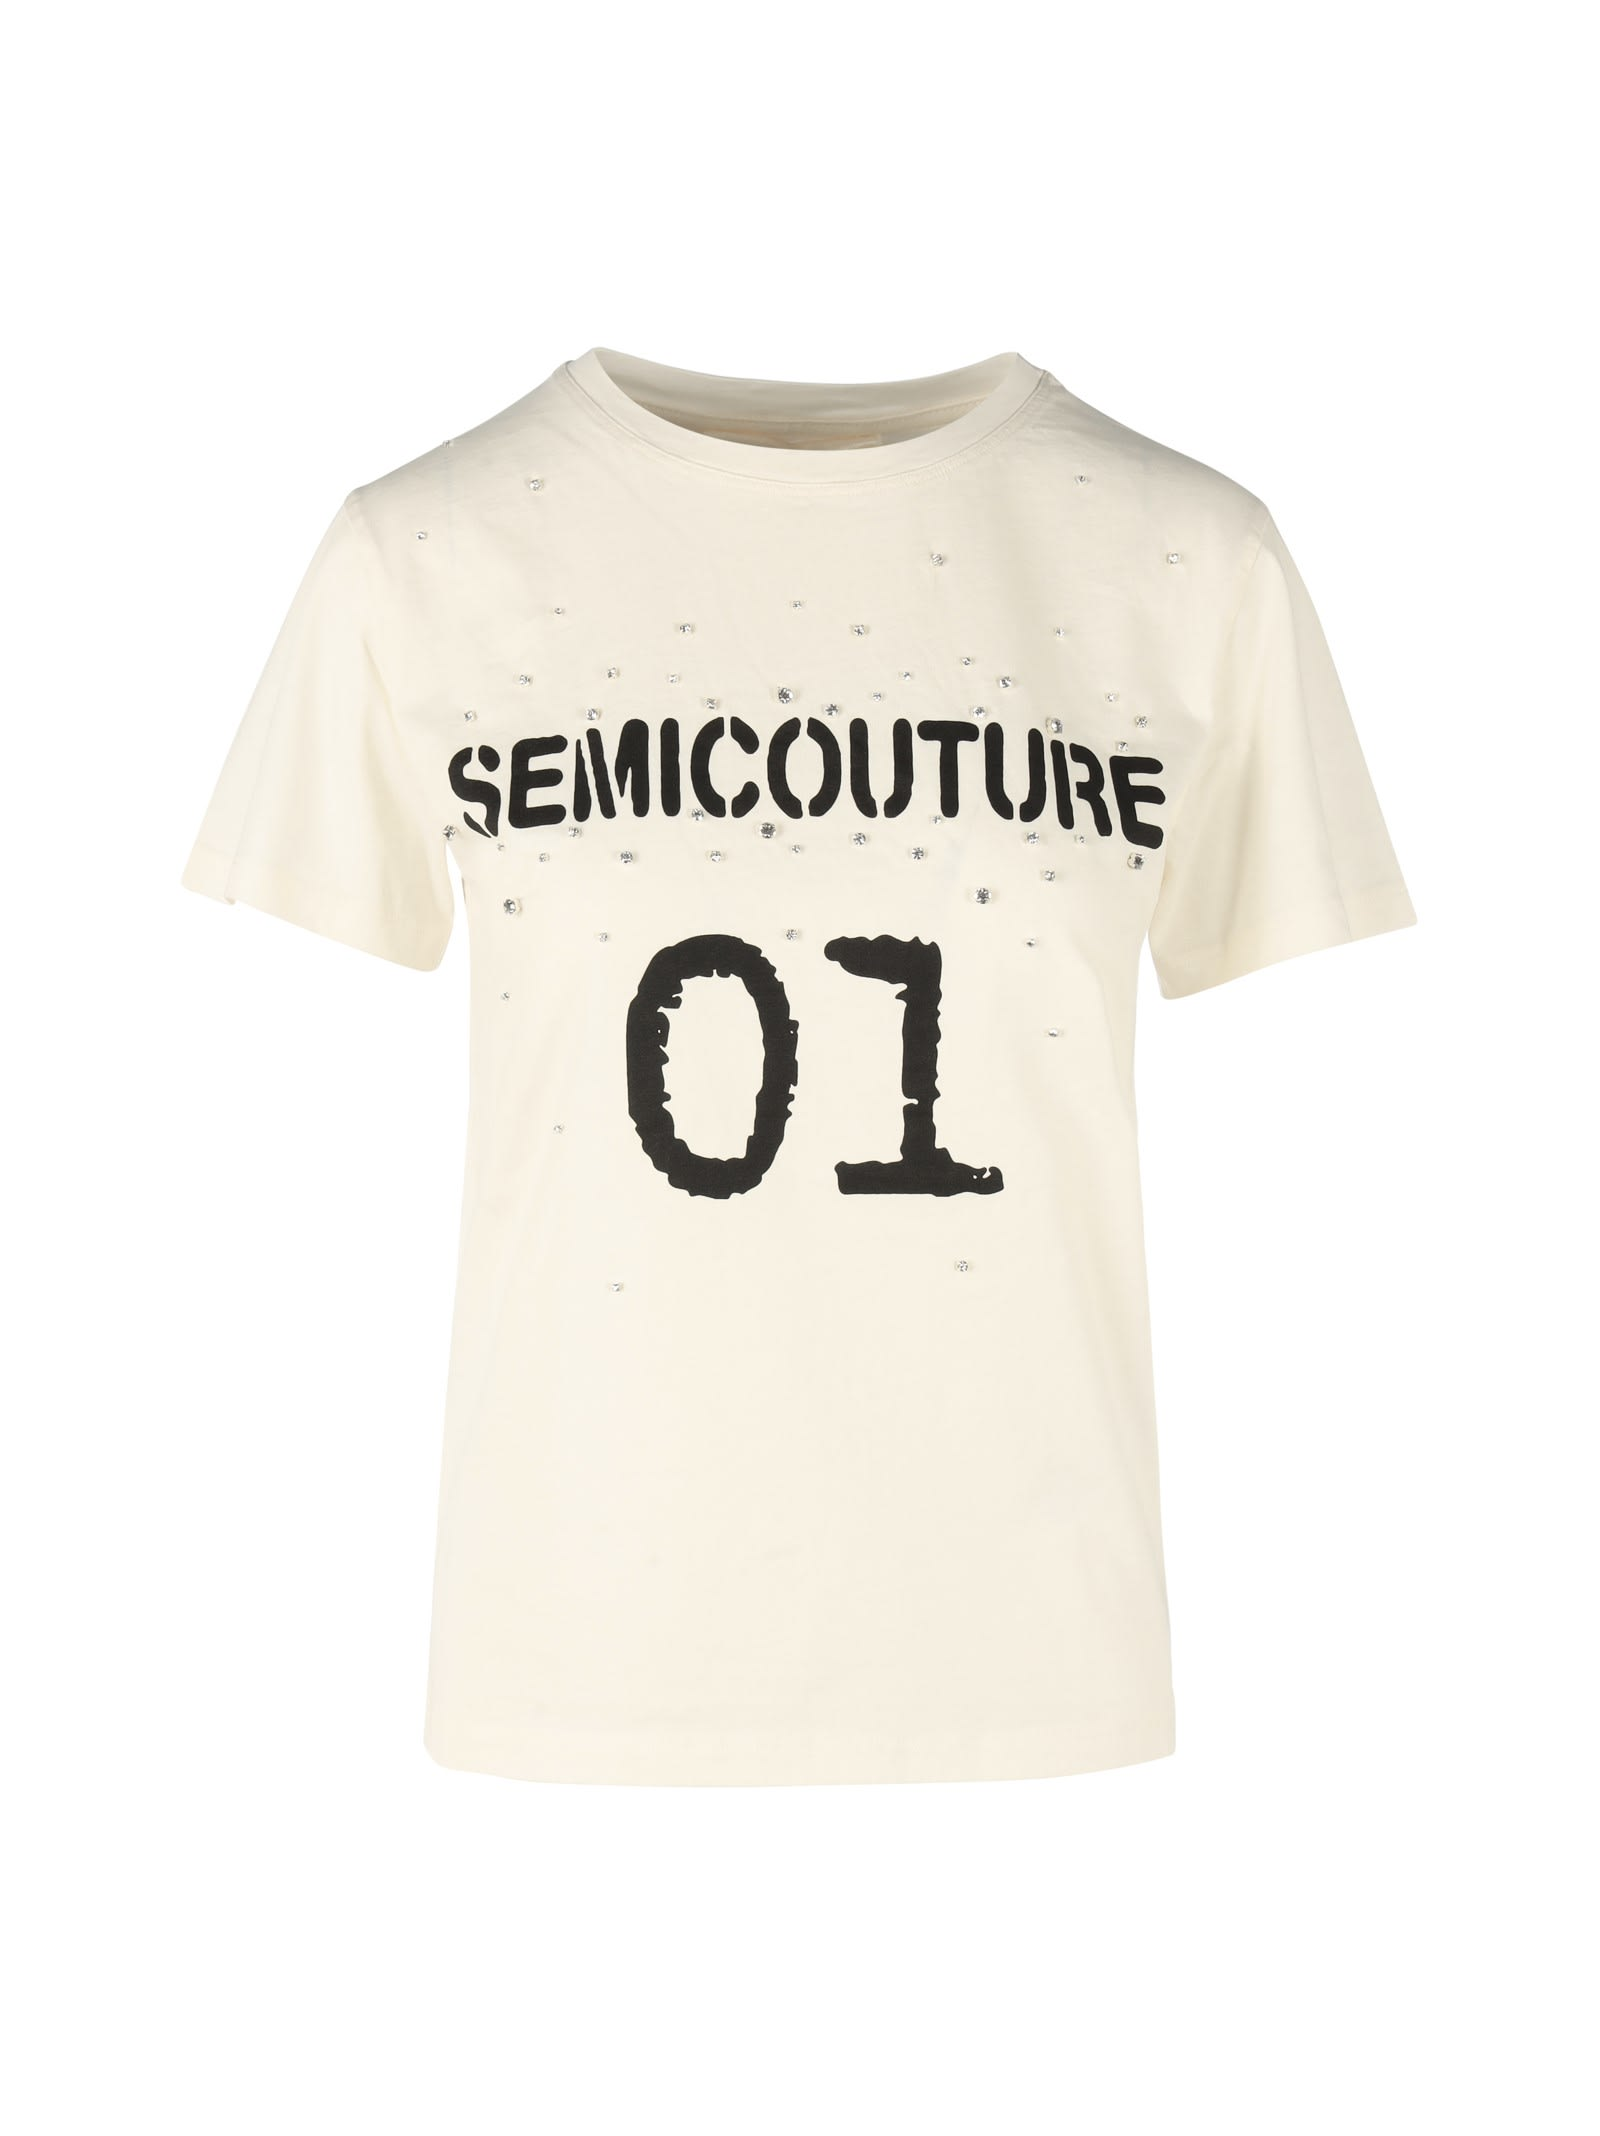 Semicouture CRIYSTAL T-SHIRT